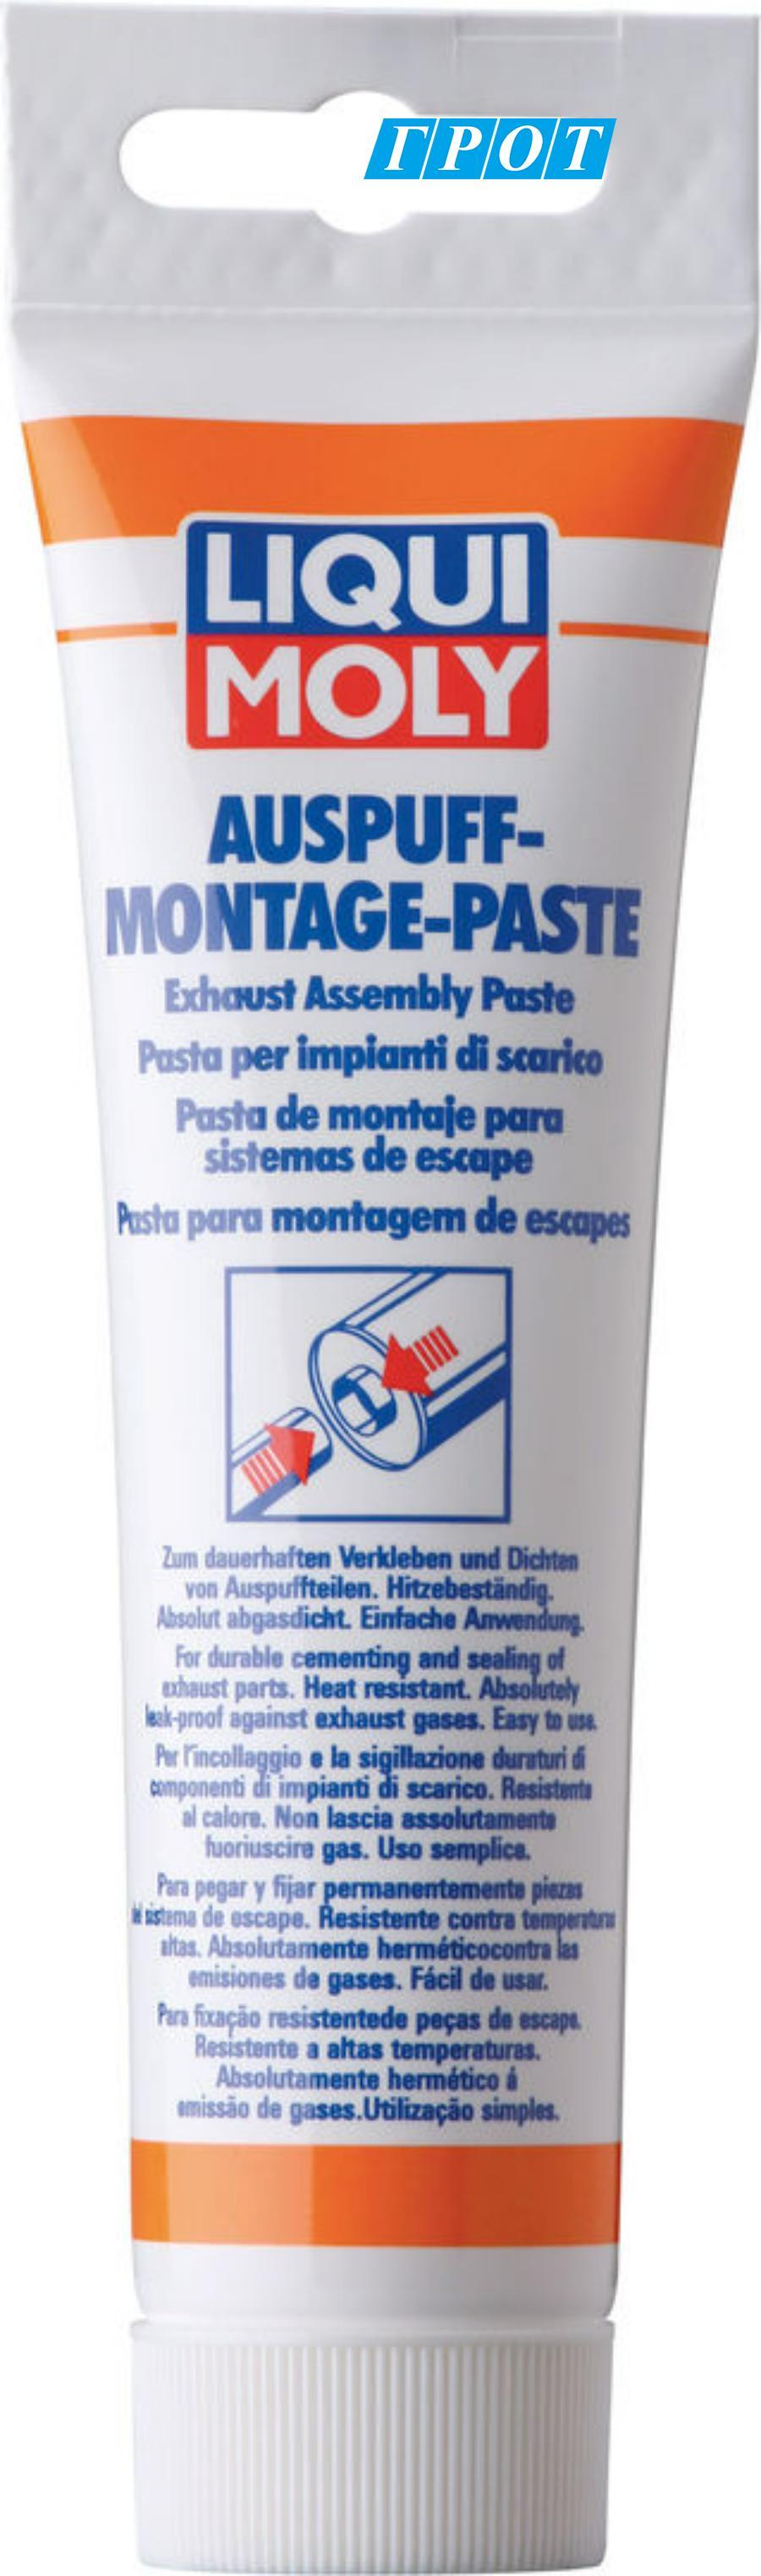 """Монтажная паста для системы выхлопа """"Auspuff-Montage-Paste"""""""